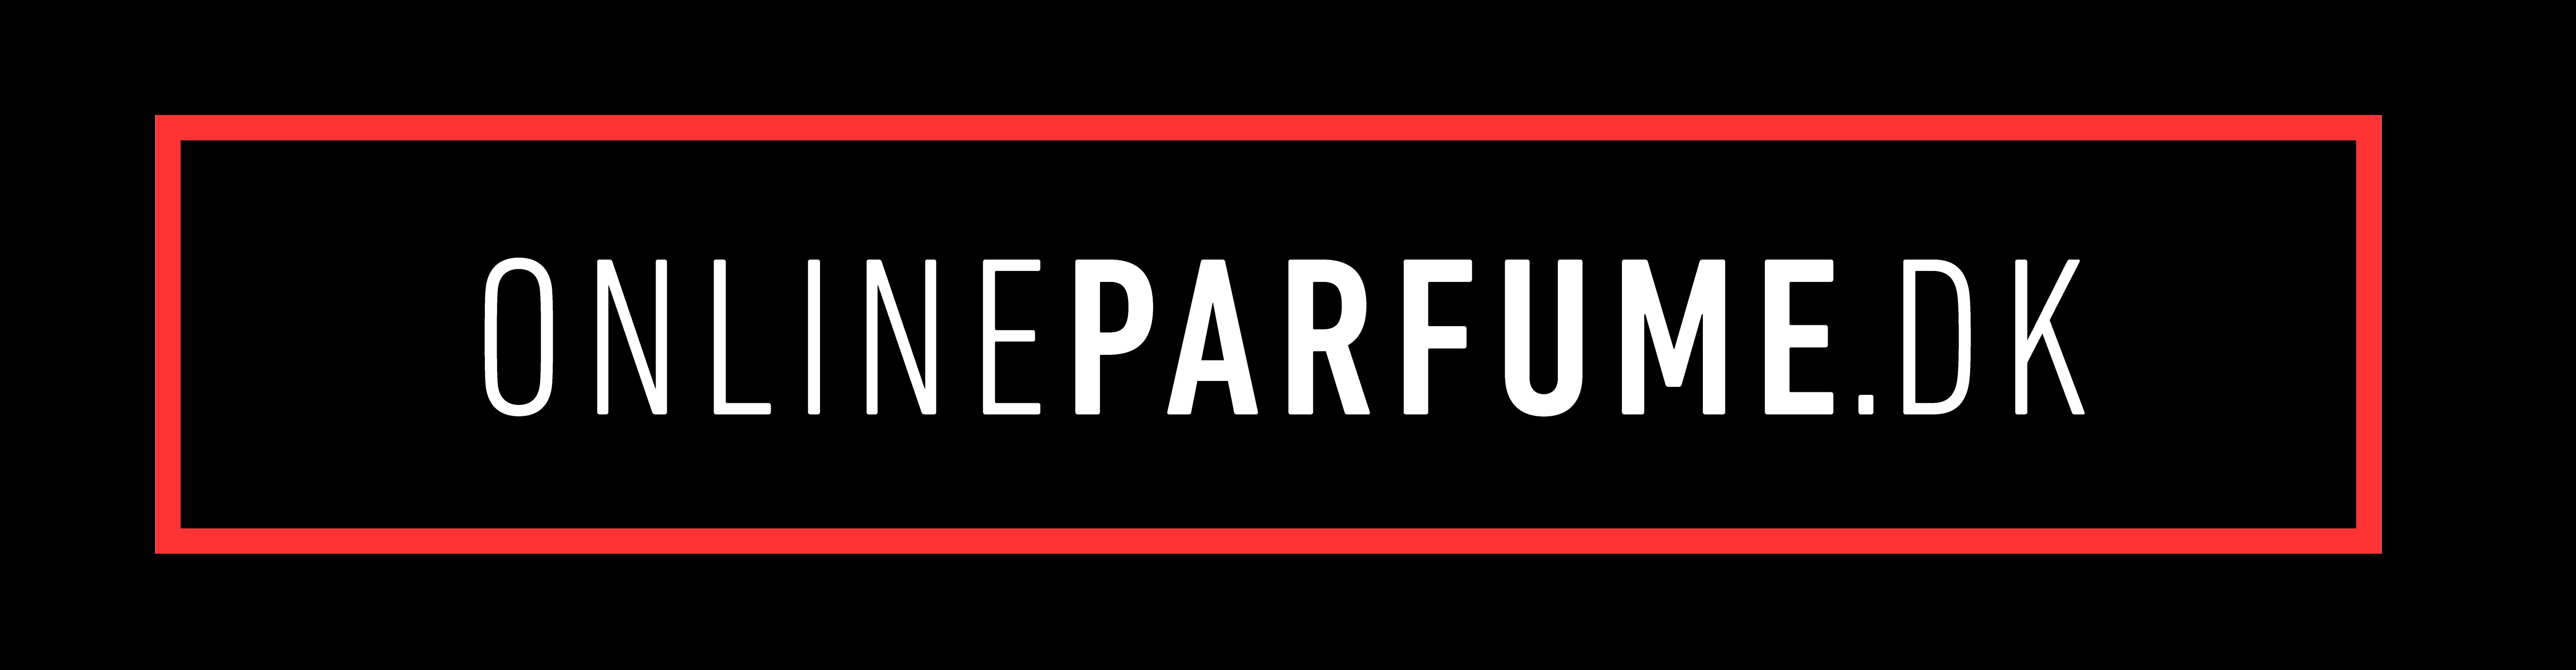 Onlineparfume.dk